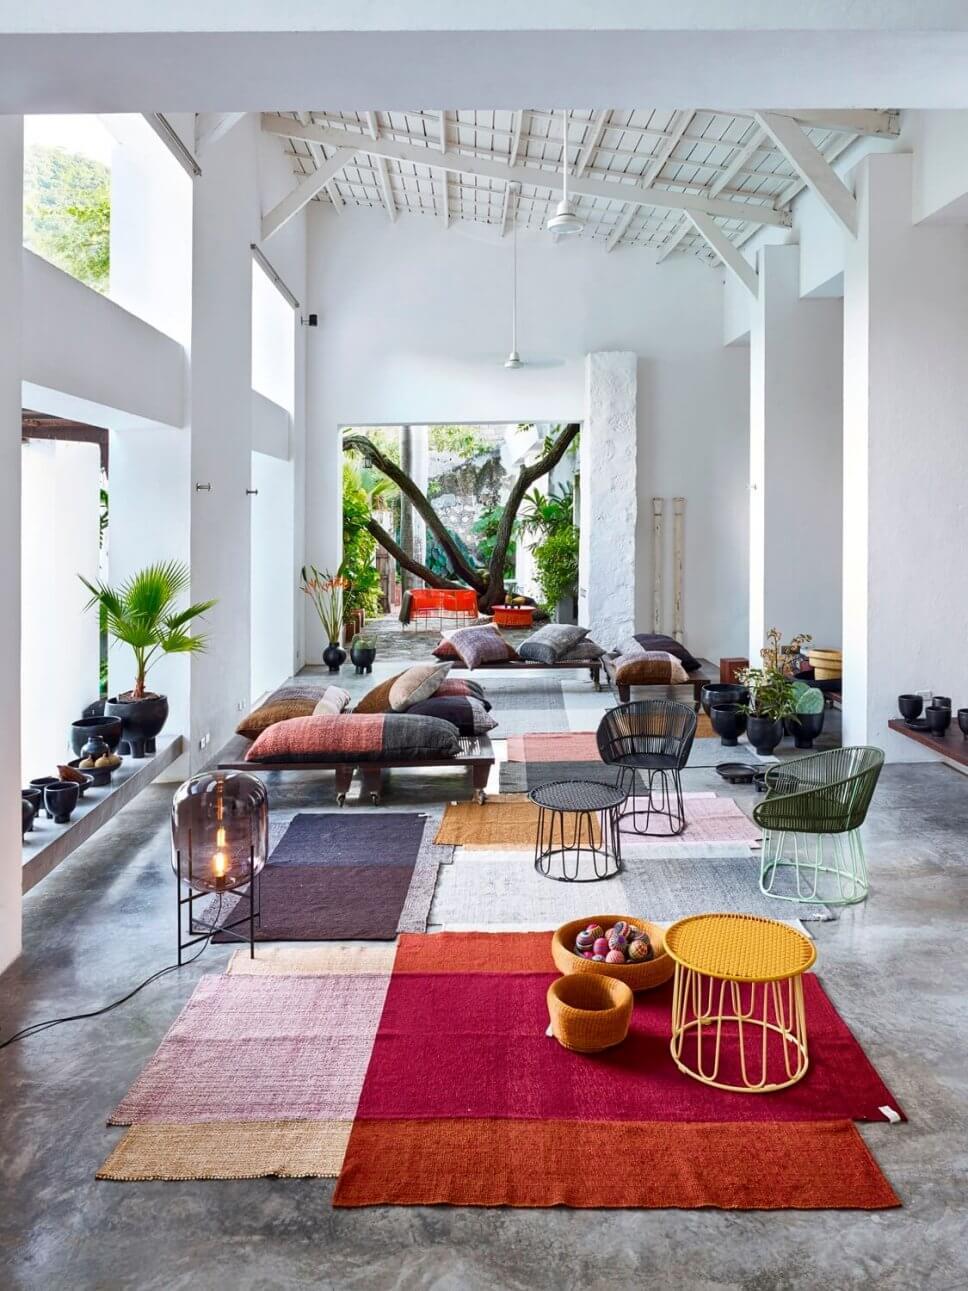 Offener Wohnraum bunten Teppichen, Kissen und mit Sesseln aus buntem Geflecht in einer kolumbianischen Casa